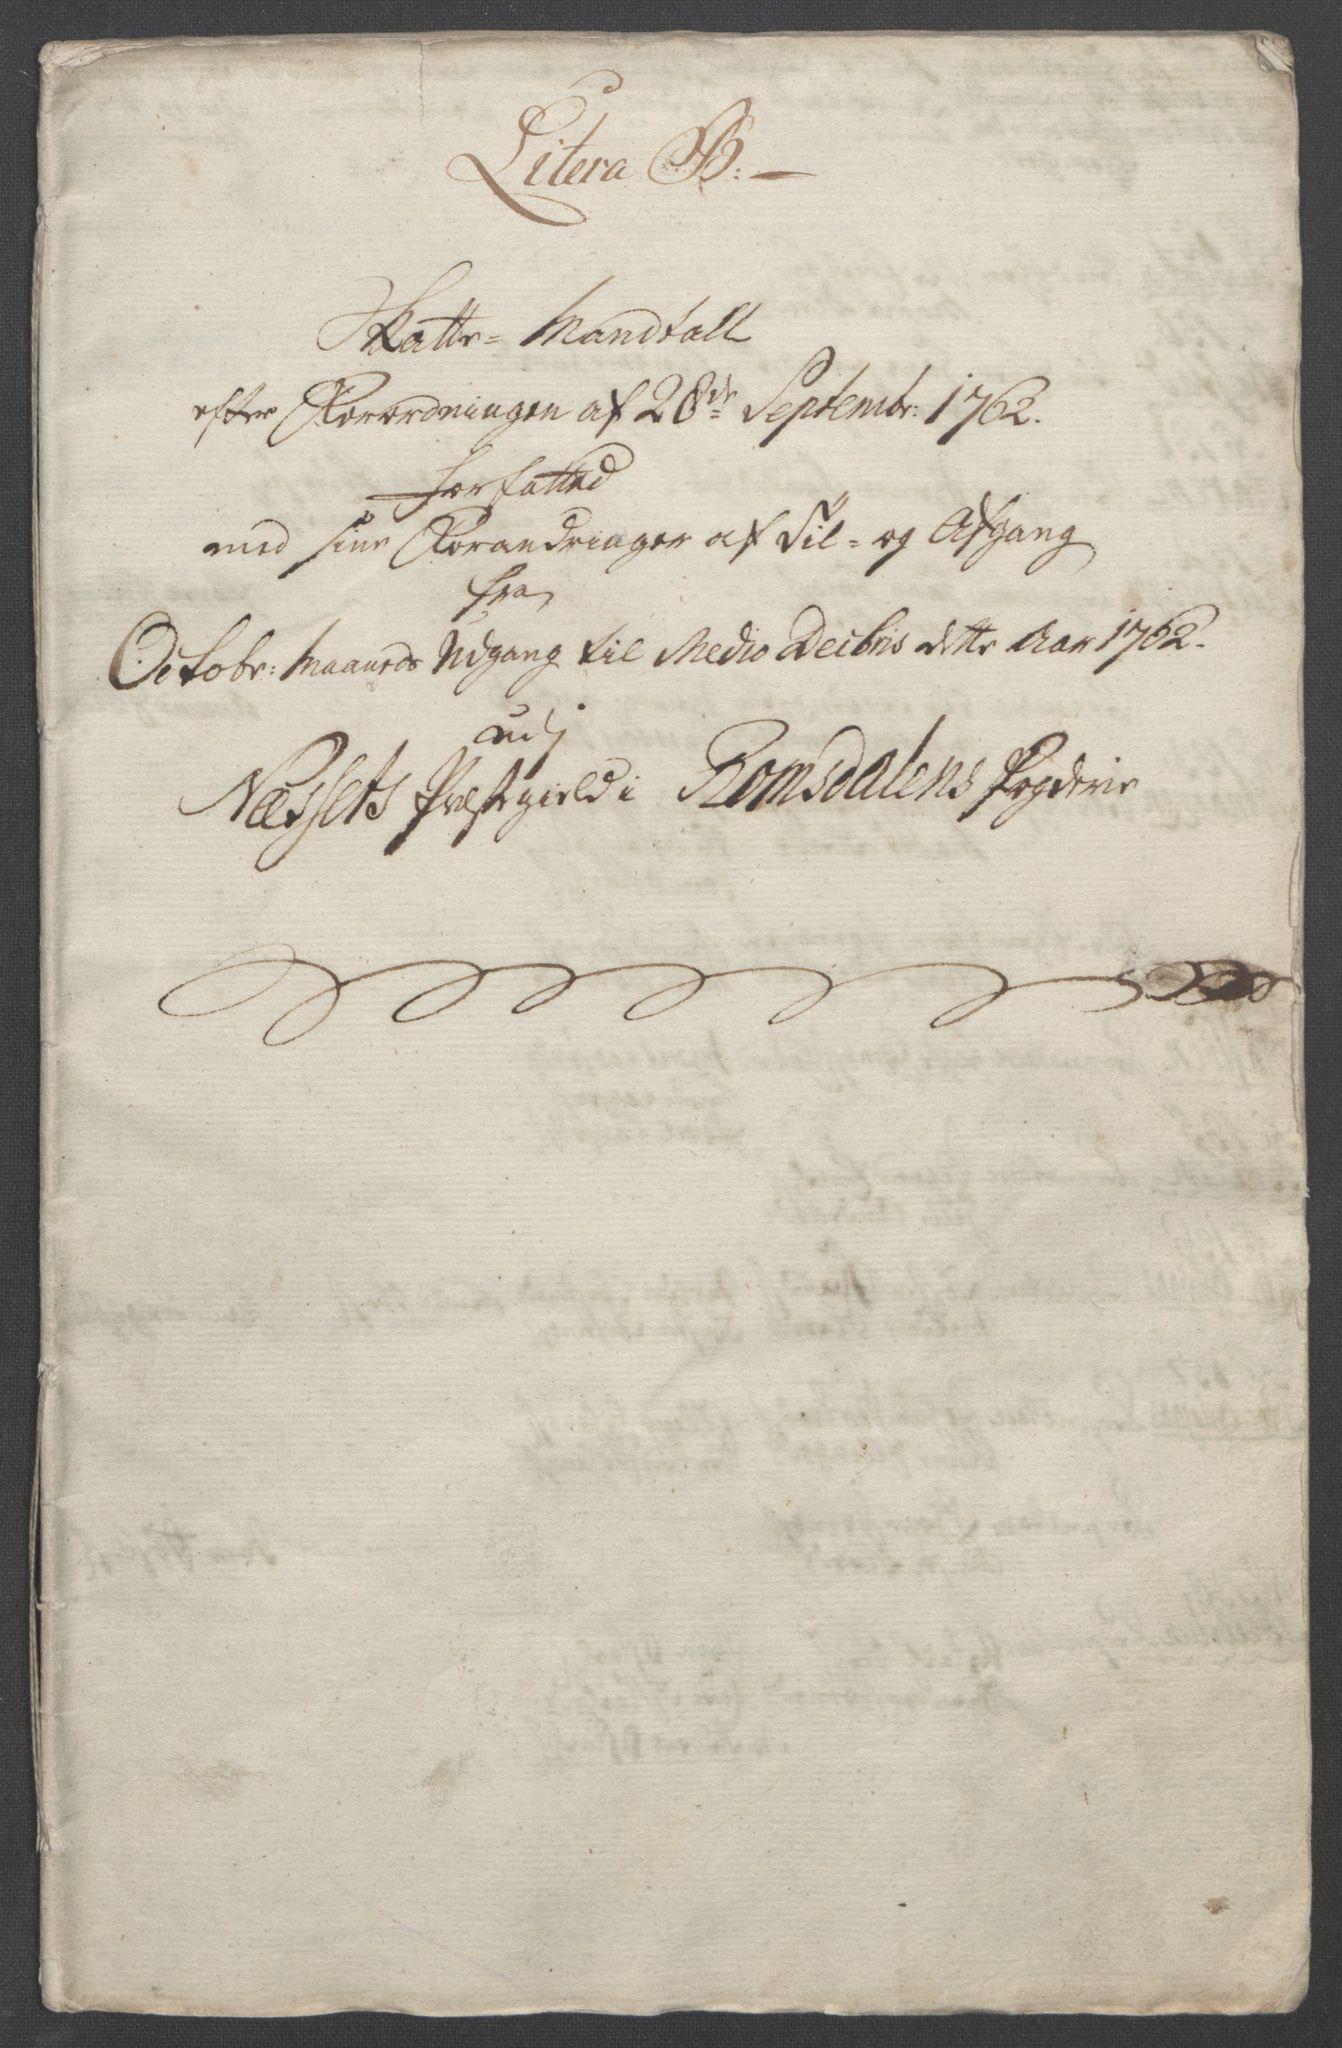 RA, Rentekammeret inntil 1814, Reviderte regnskaper, Fogderegnskap, R55/L3730: Ekstraskatten Romsdal, 1762-1763, s. 168